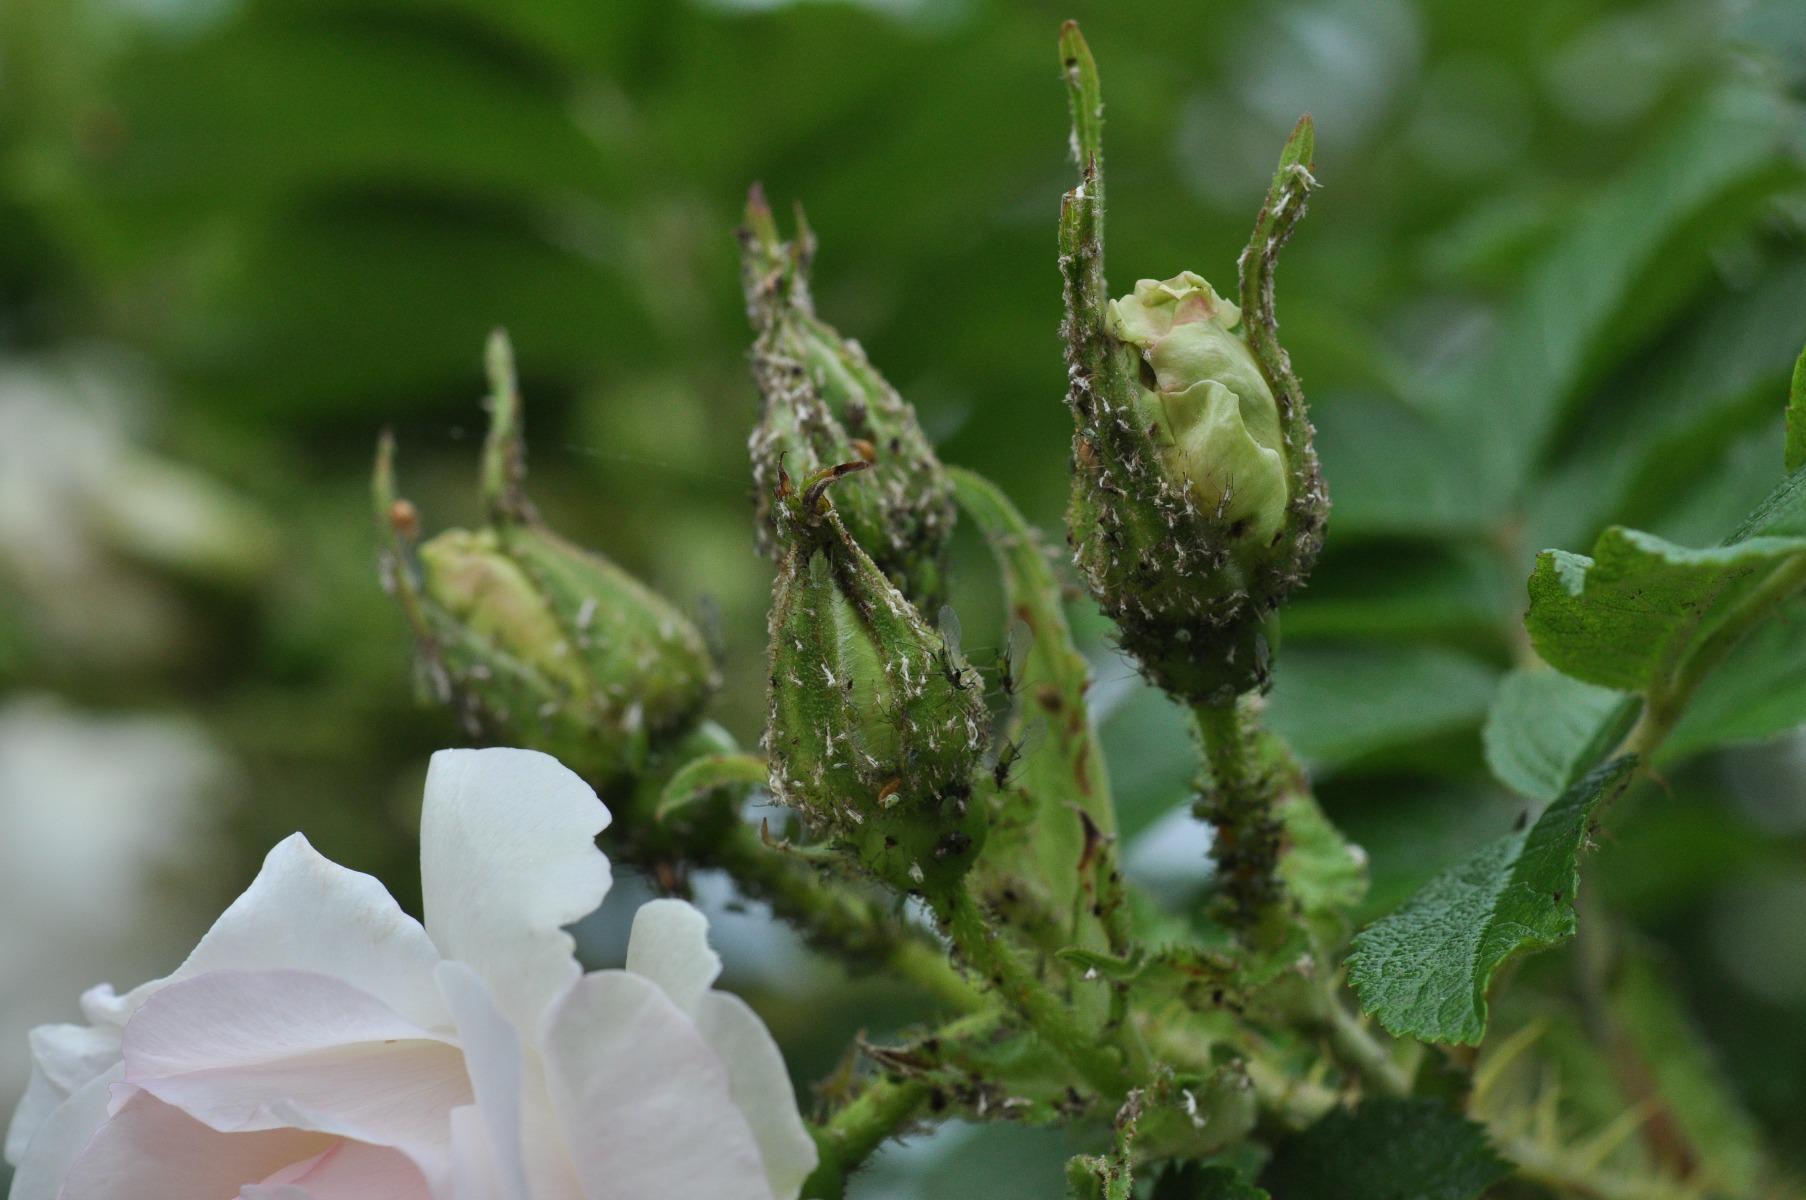 Lehetäid roosil